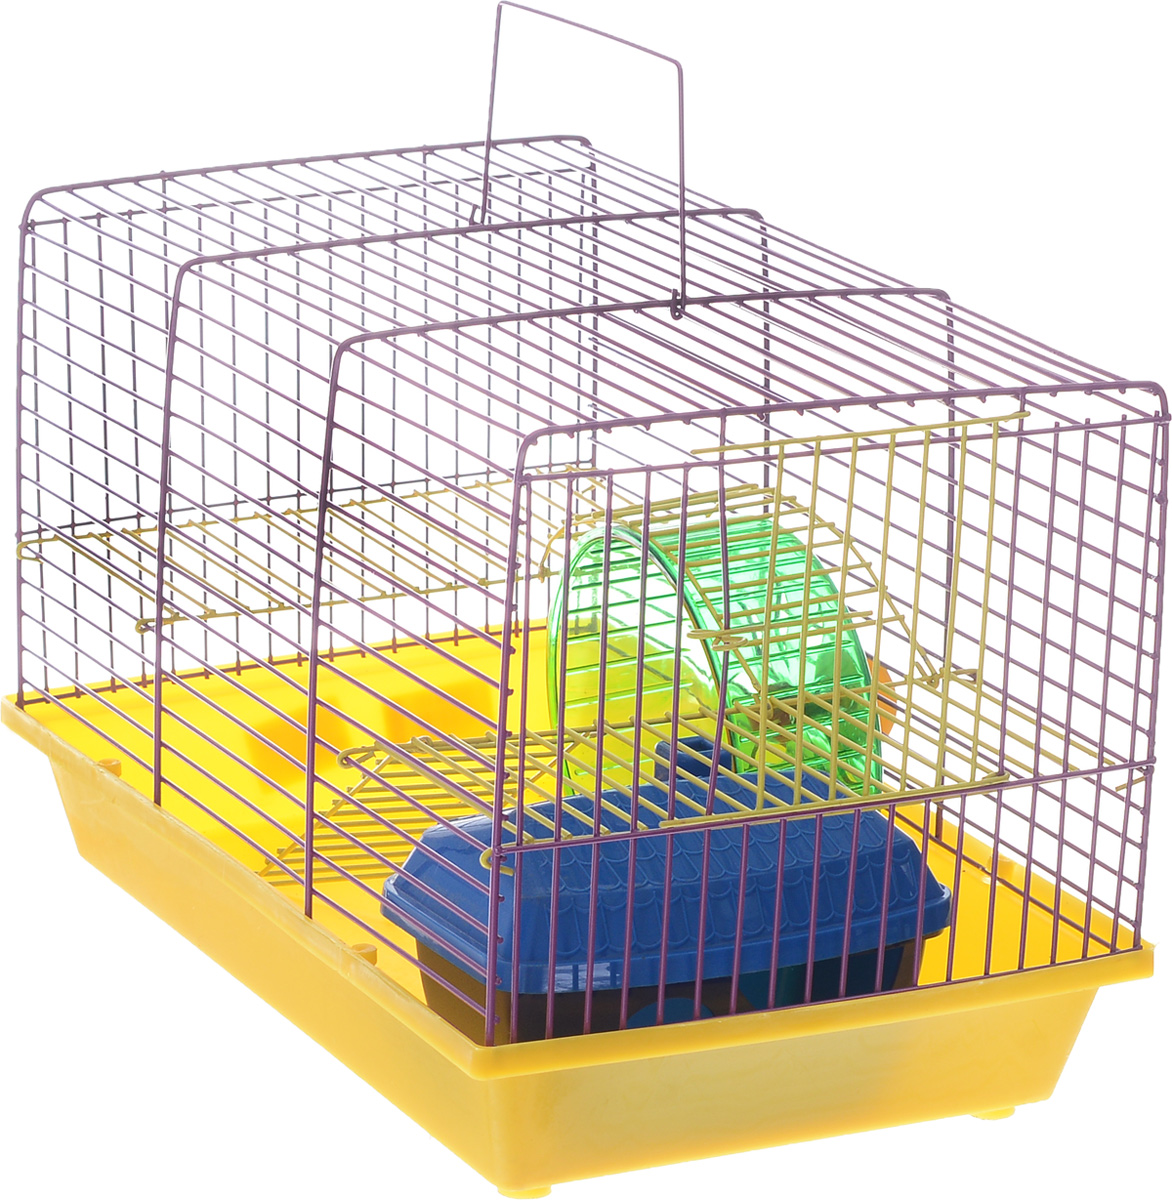 Клетка для грызунов Зоомарк  Венеция , 2-этажная, цвет: желтый поддон, фиолетовая решетка, 36 х 23 х 24 см